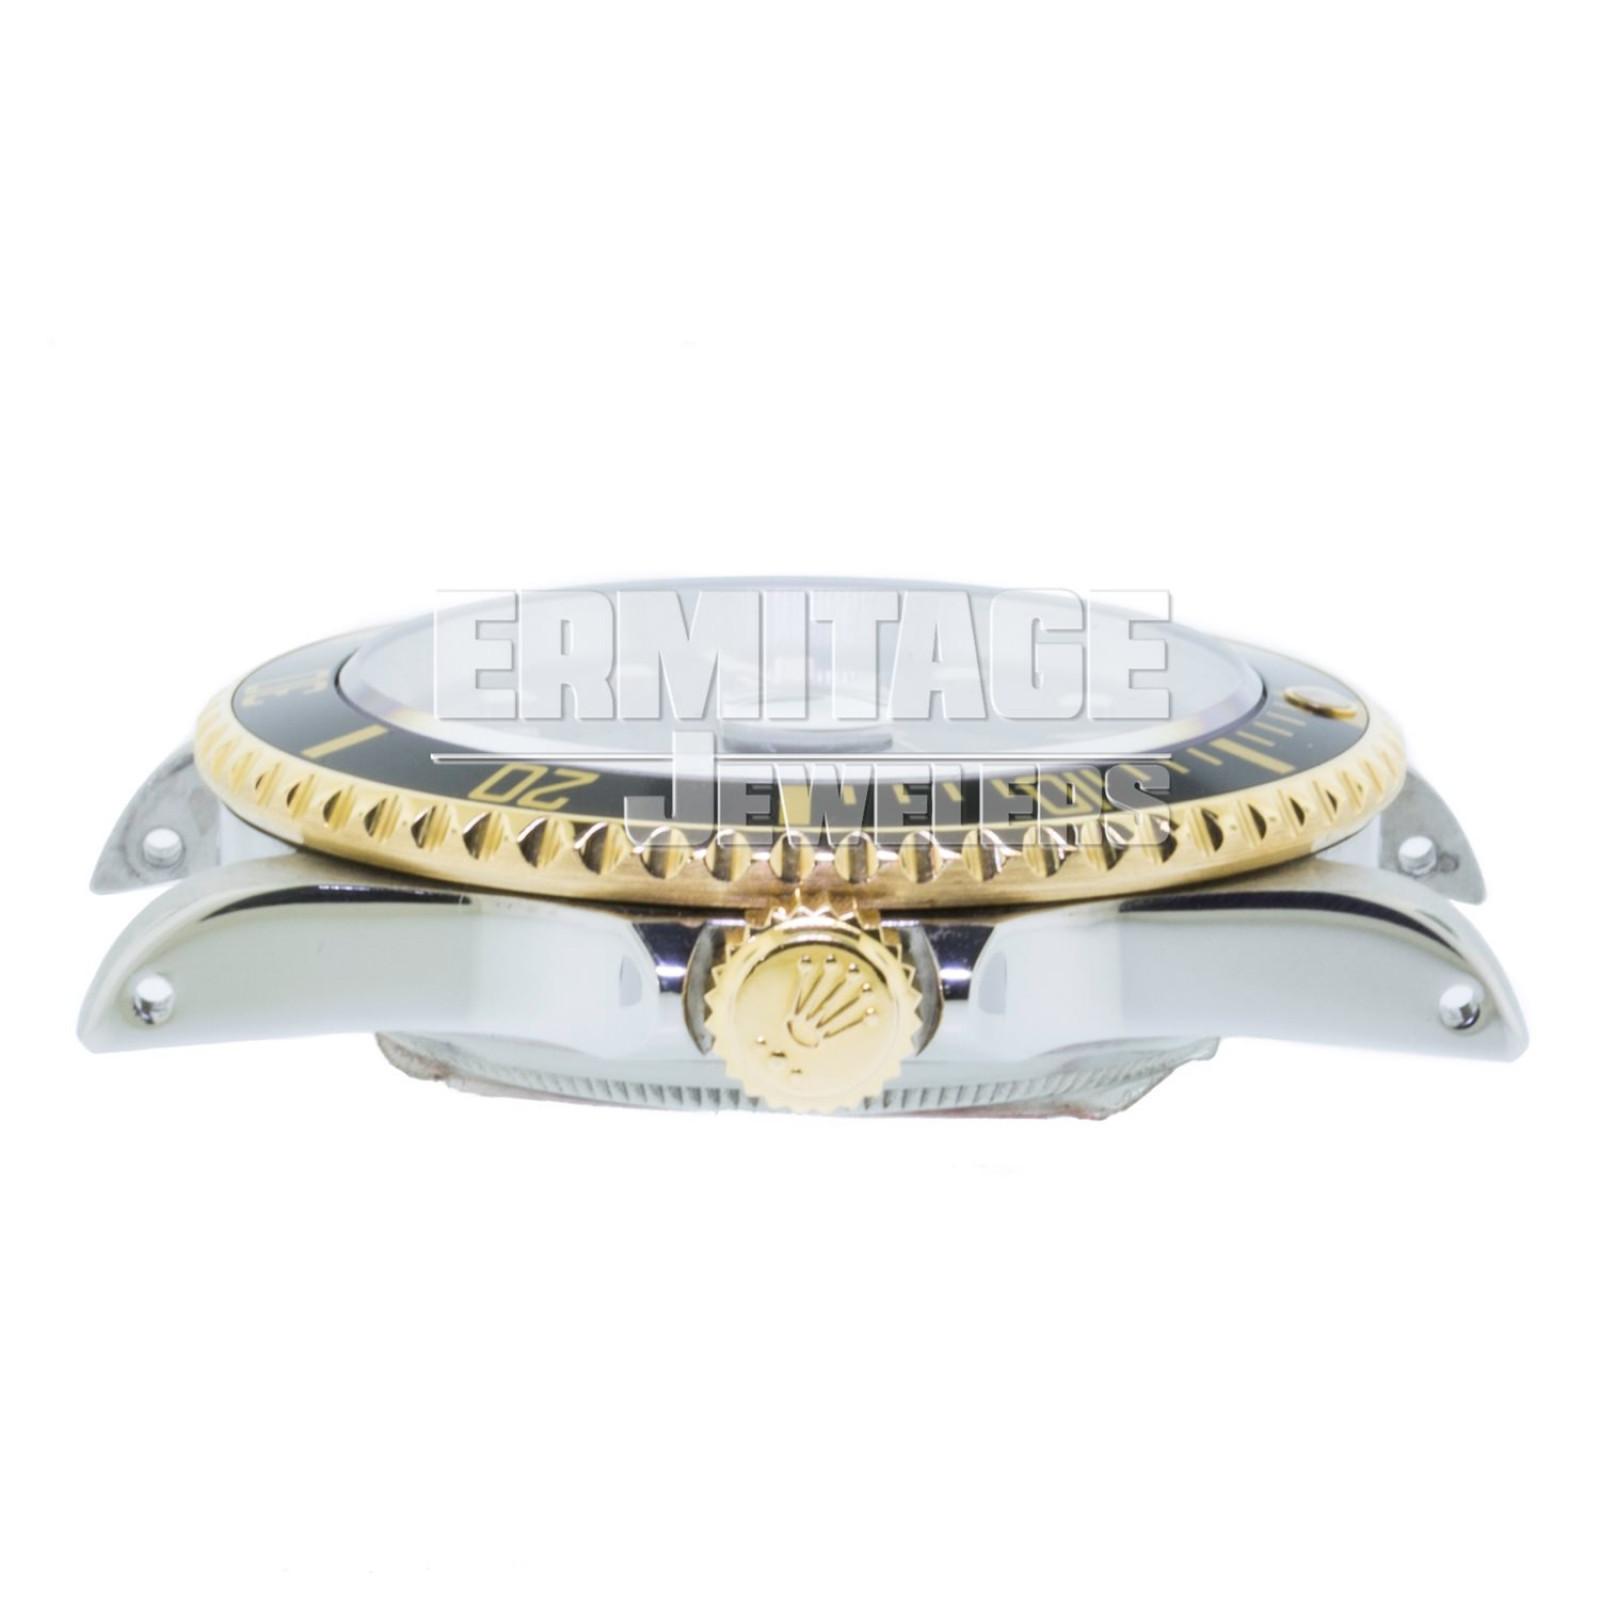 Rolex 16613 Black Dial Excellent Condition Single